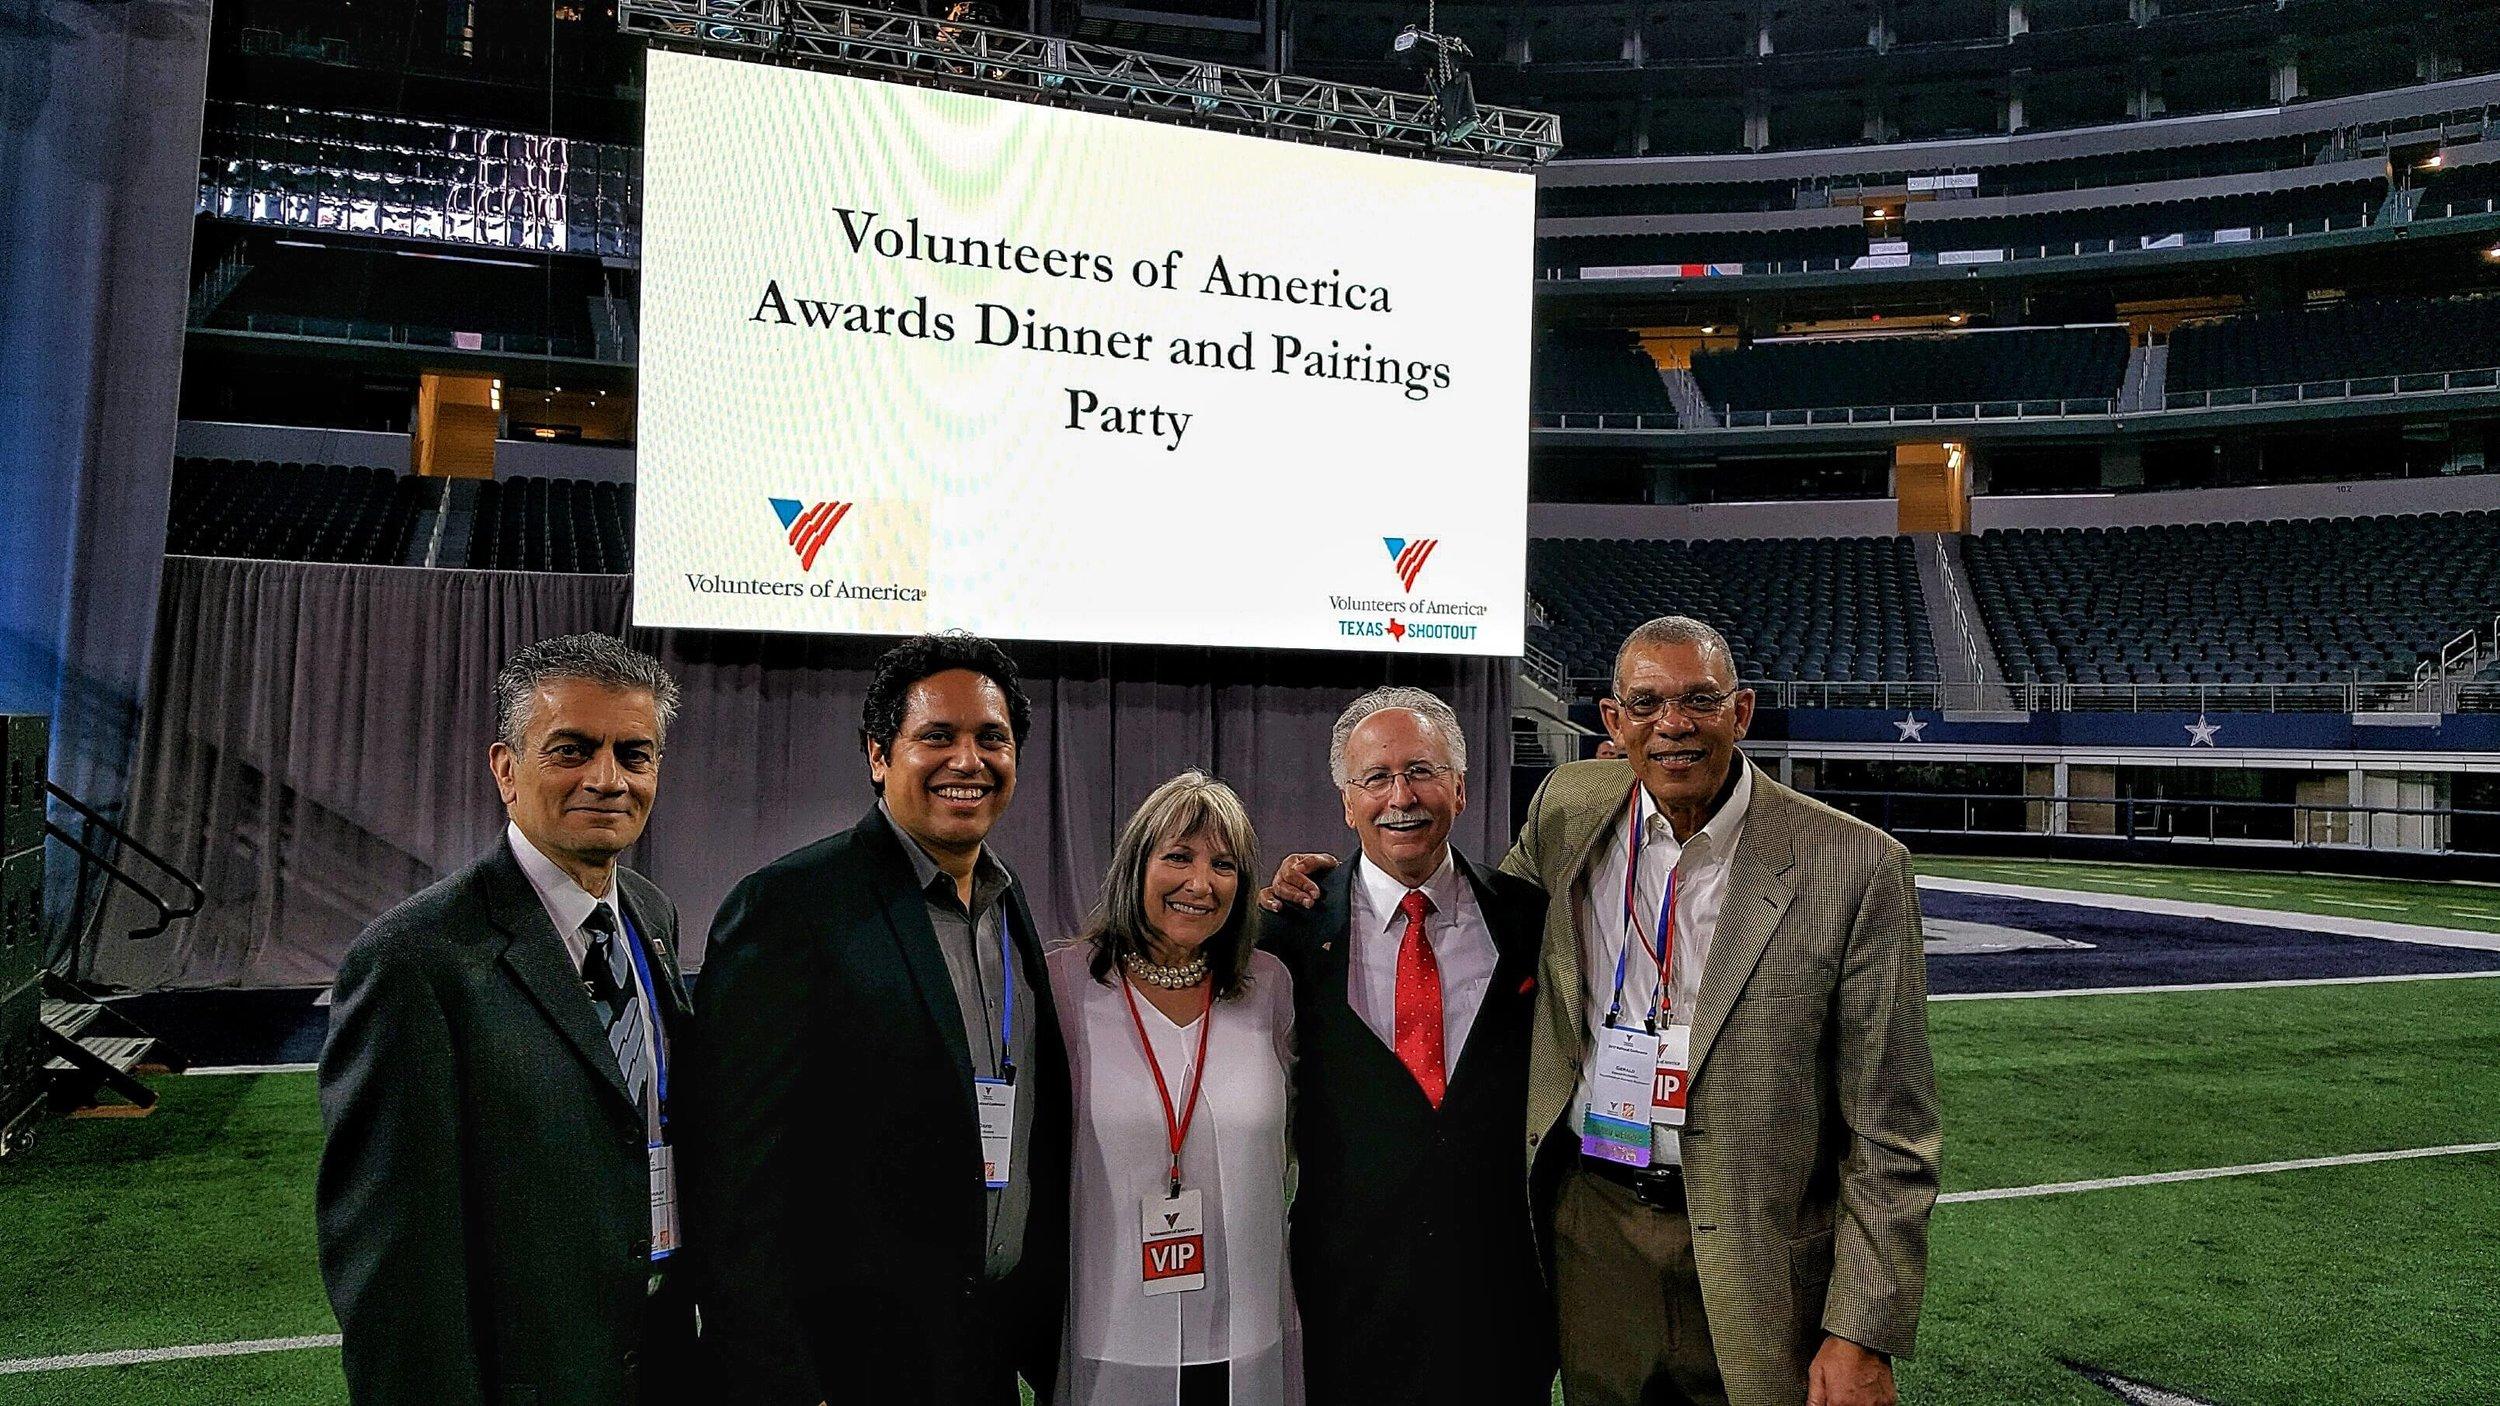 Volunteers of America Awards Dinner and LPGA Pairings Party